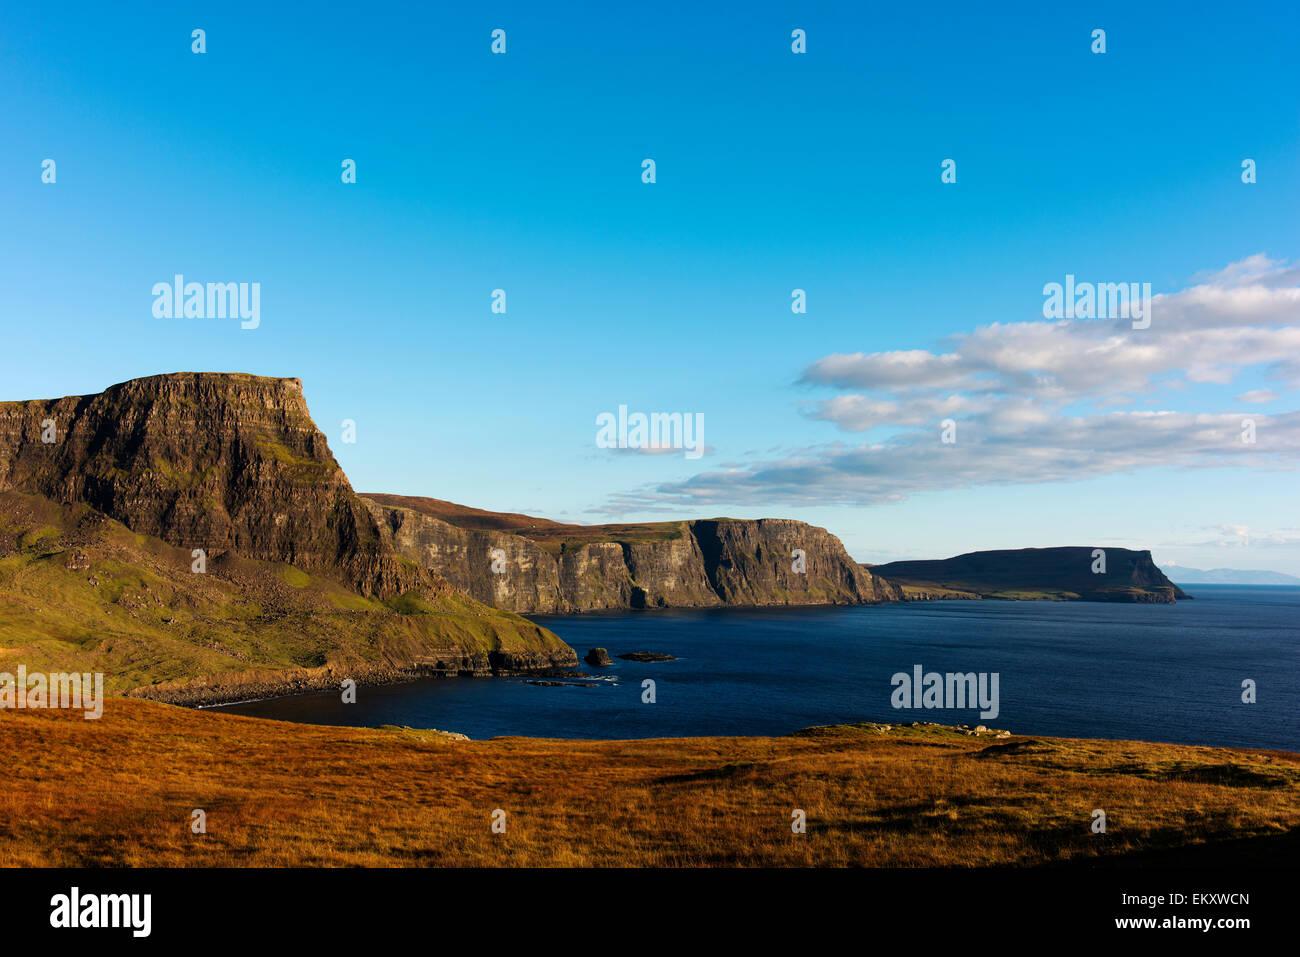 Espectaculares paisajes costeros en la carretera a Neist Point con Moonen Bay y Waterstein Head. Foto de stock